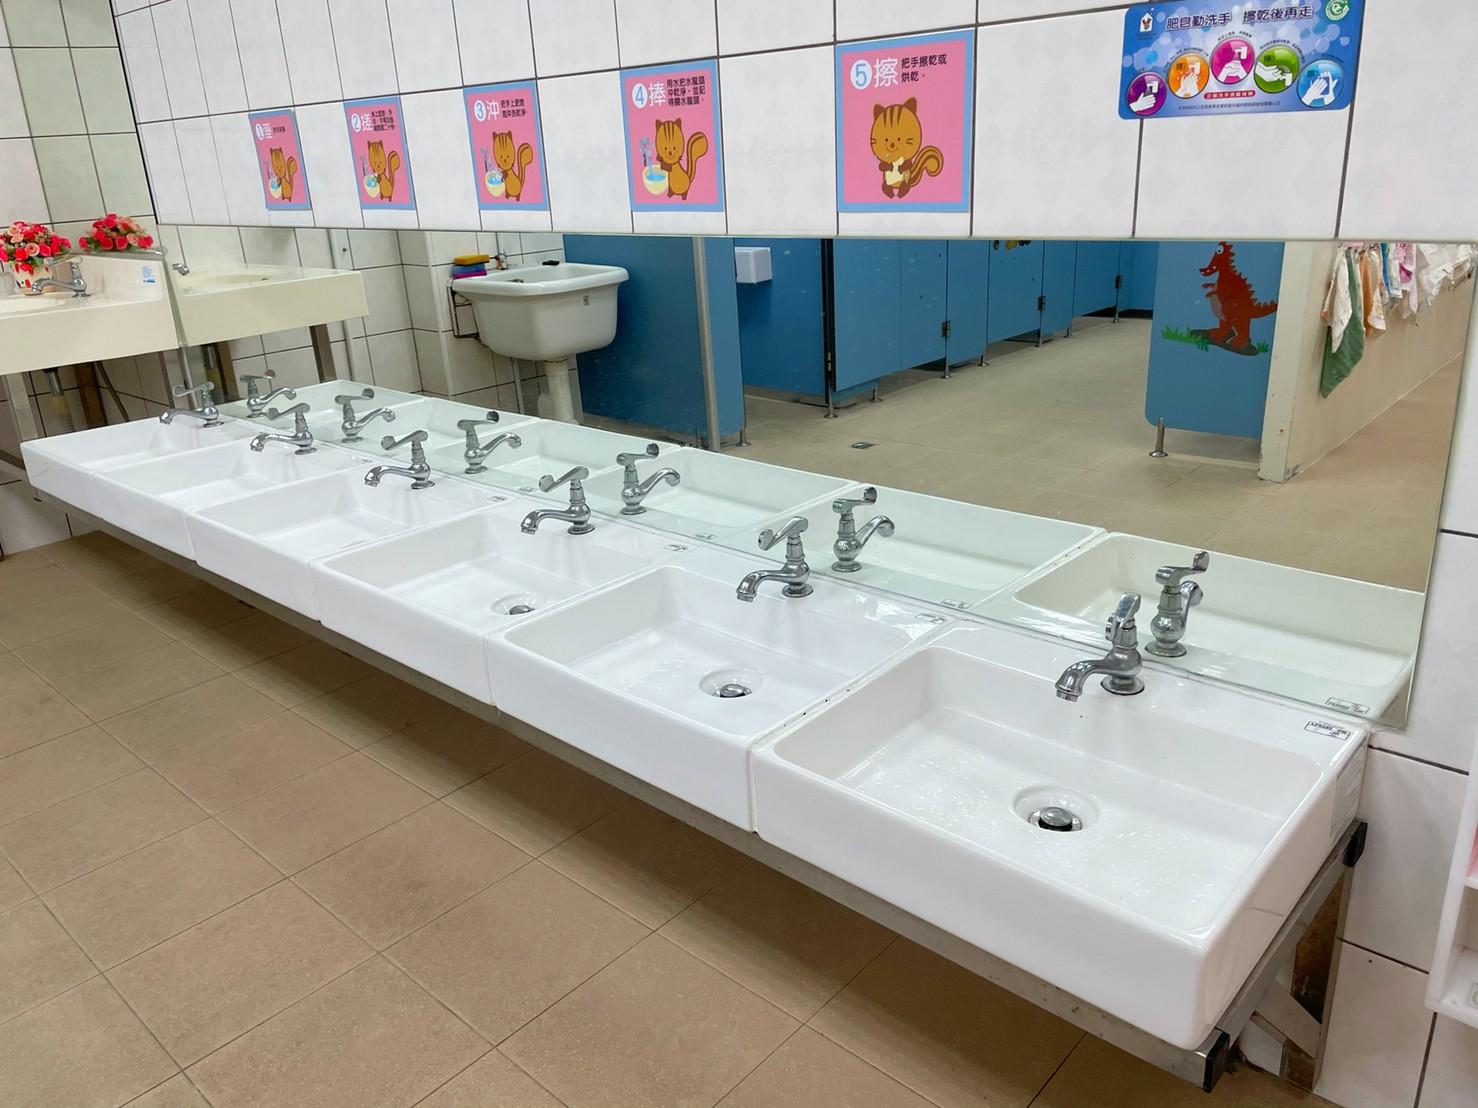 上竹分班洗手間洗手台